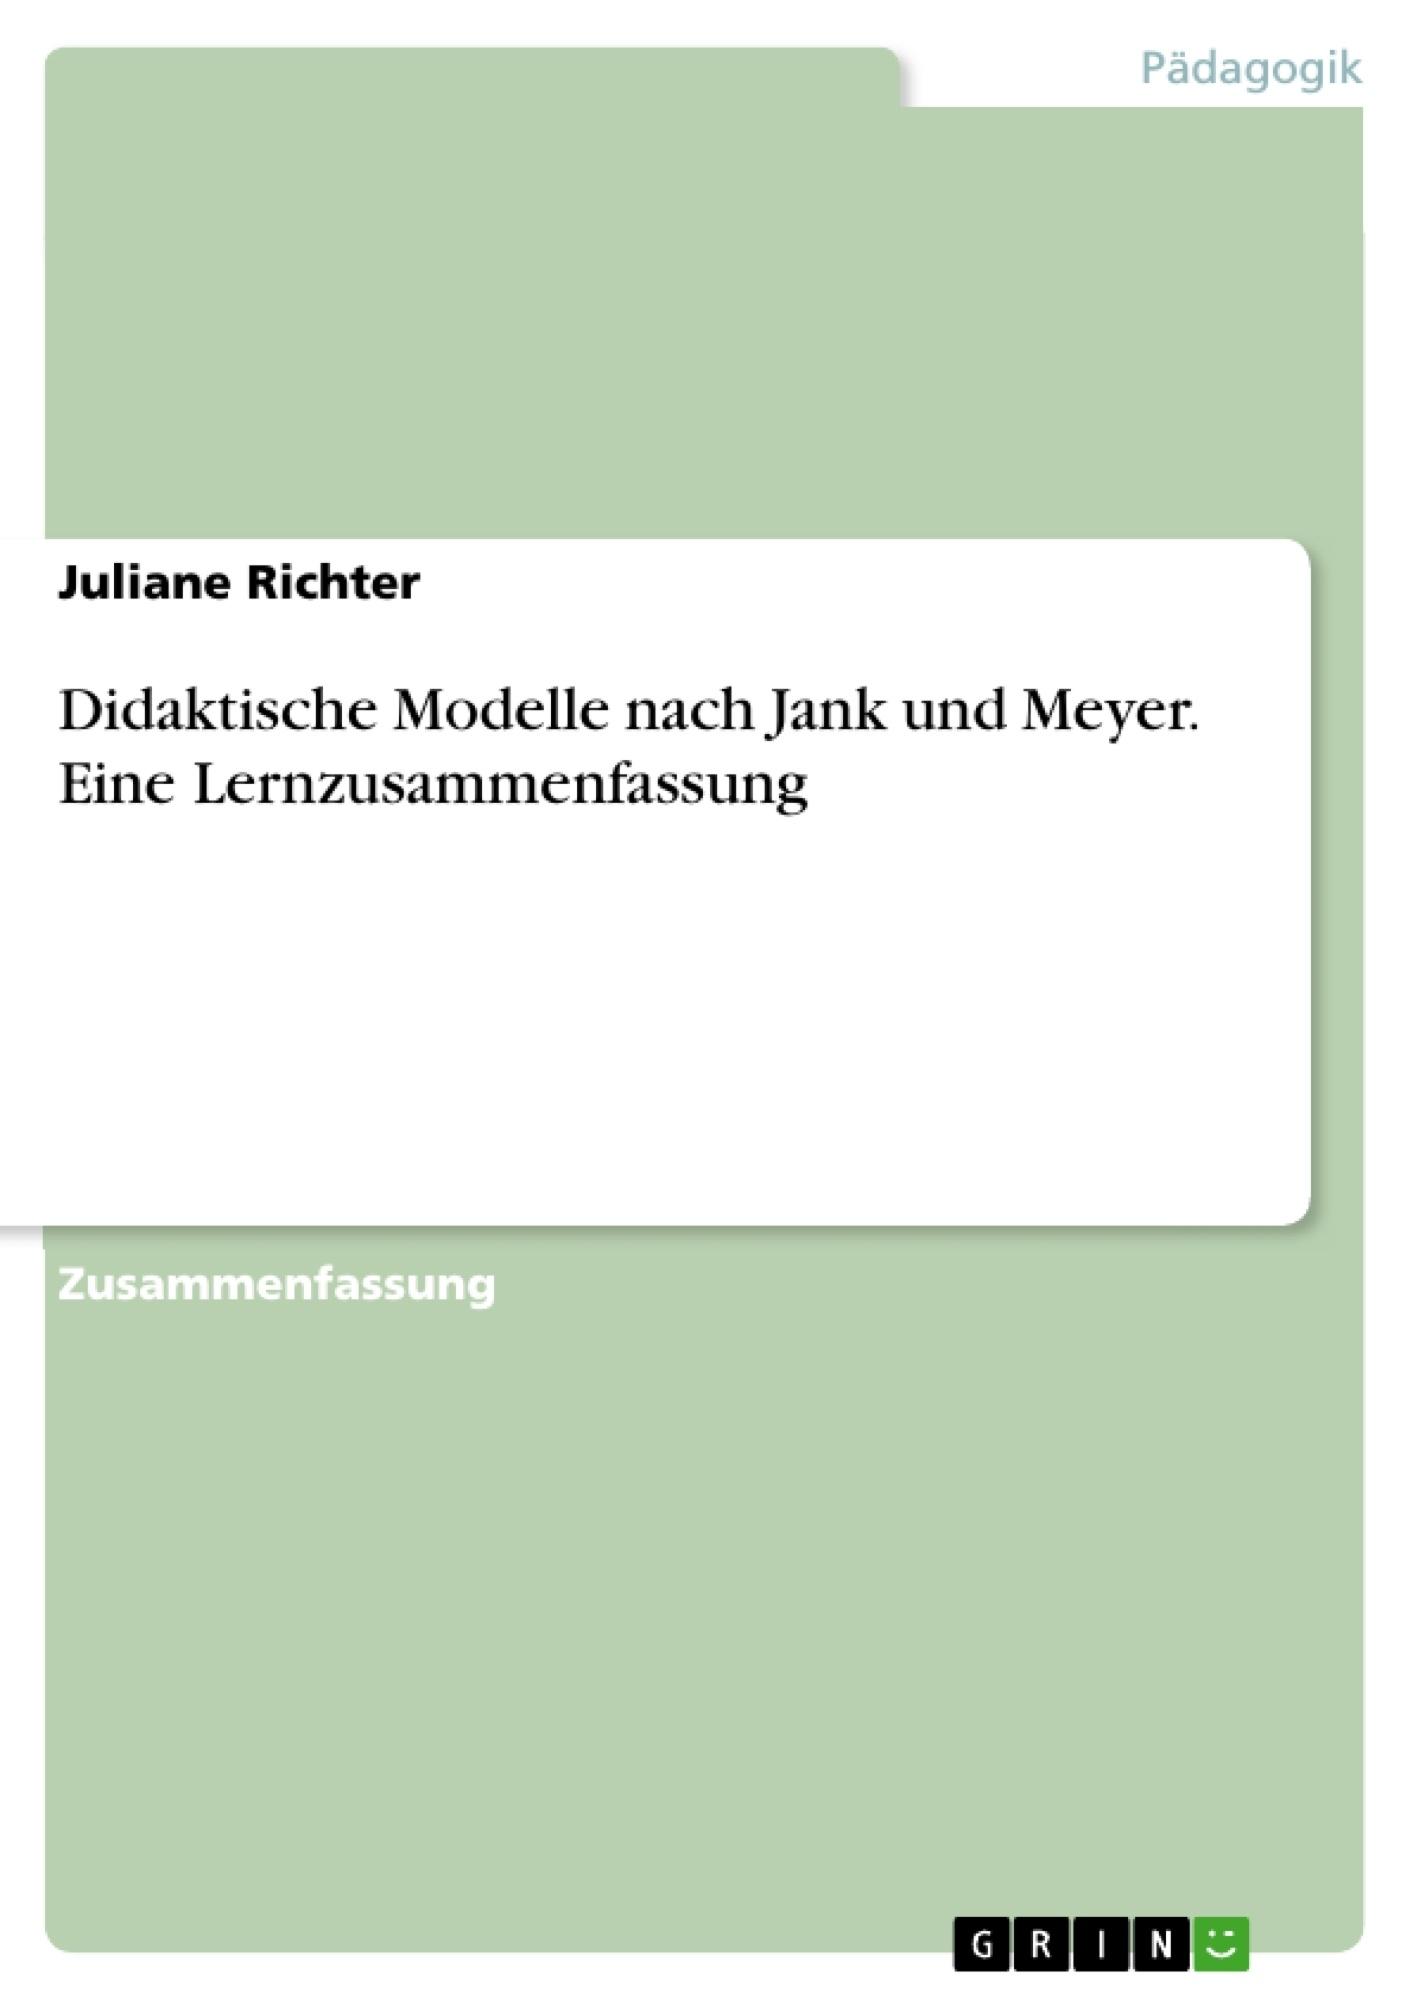 Titel: Didaktische Modelle nach Jank und Meyer. Eine Lernzusammenfassung